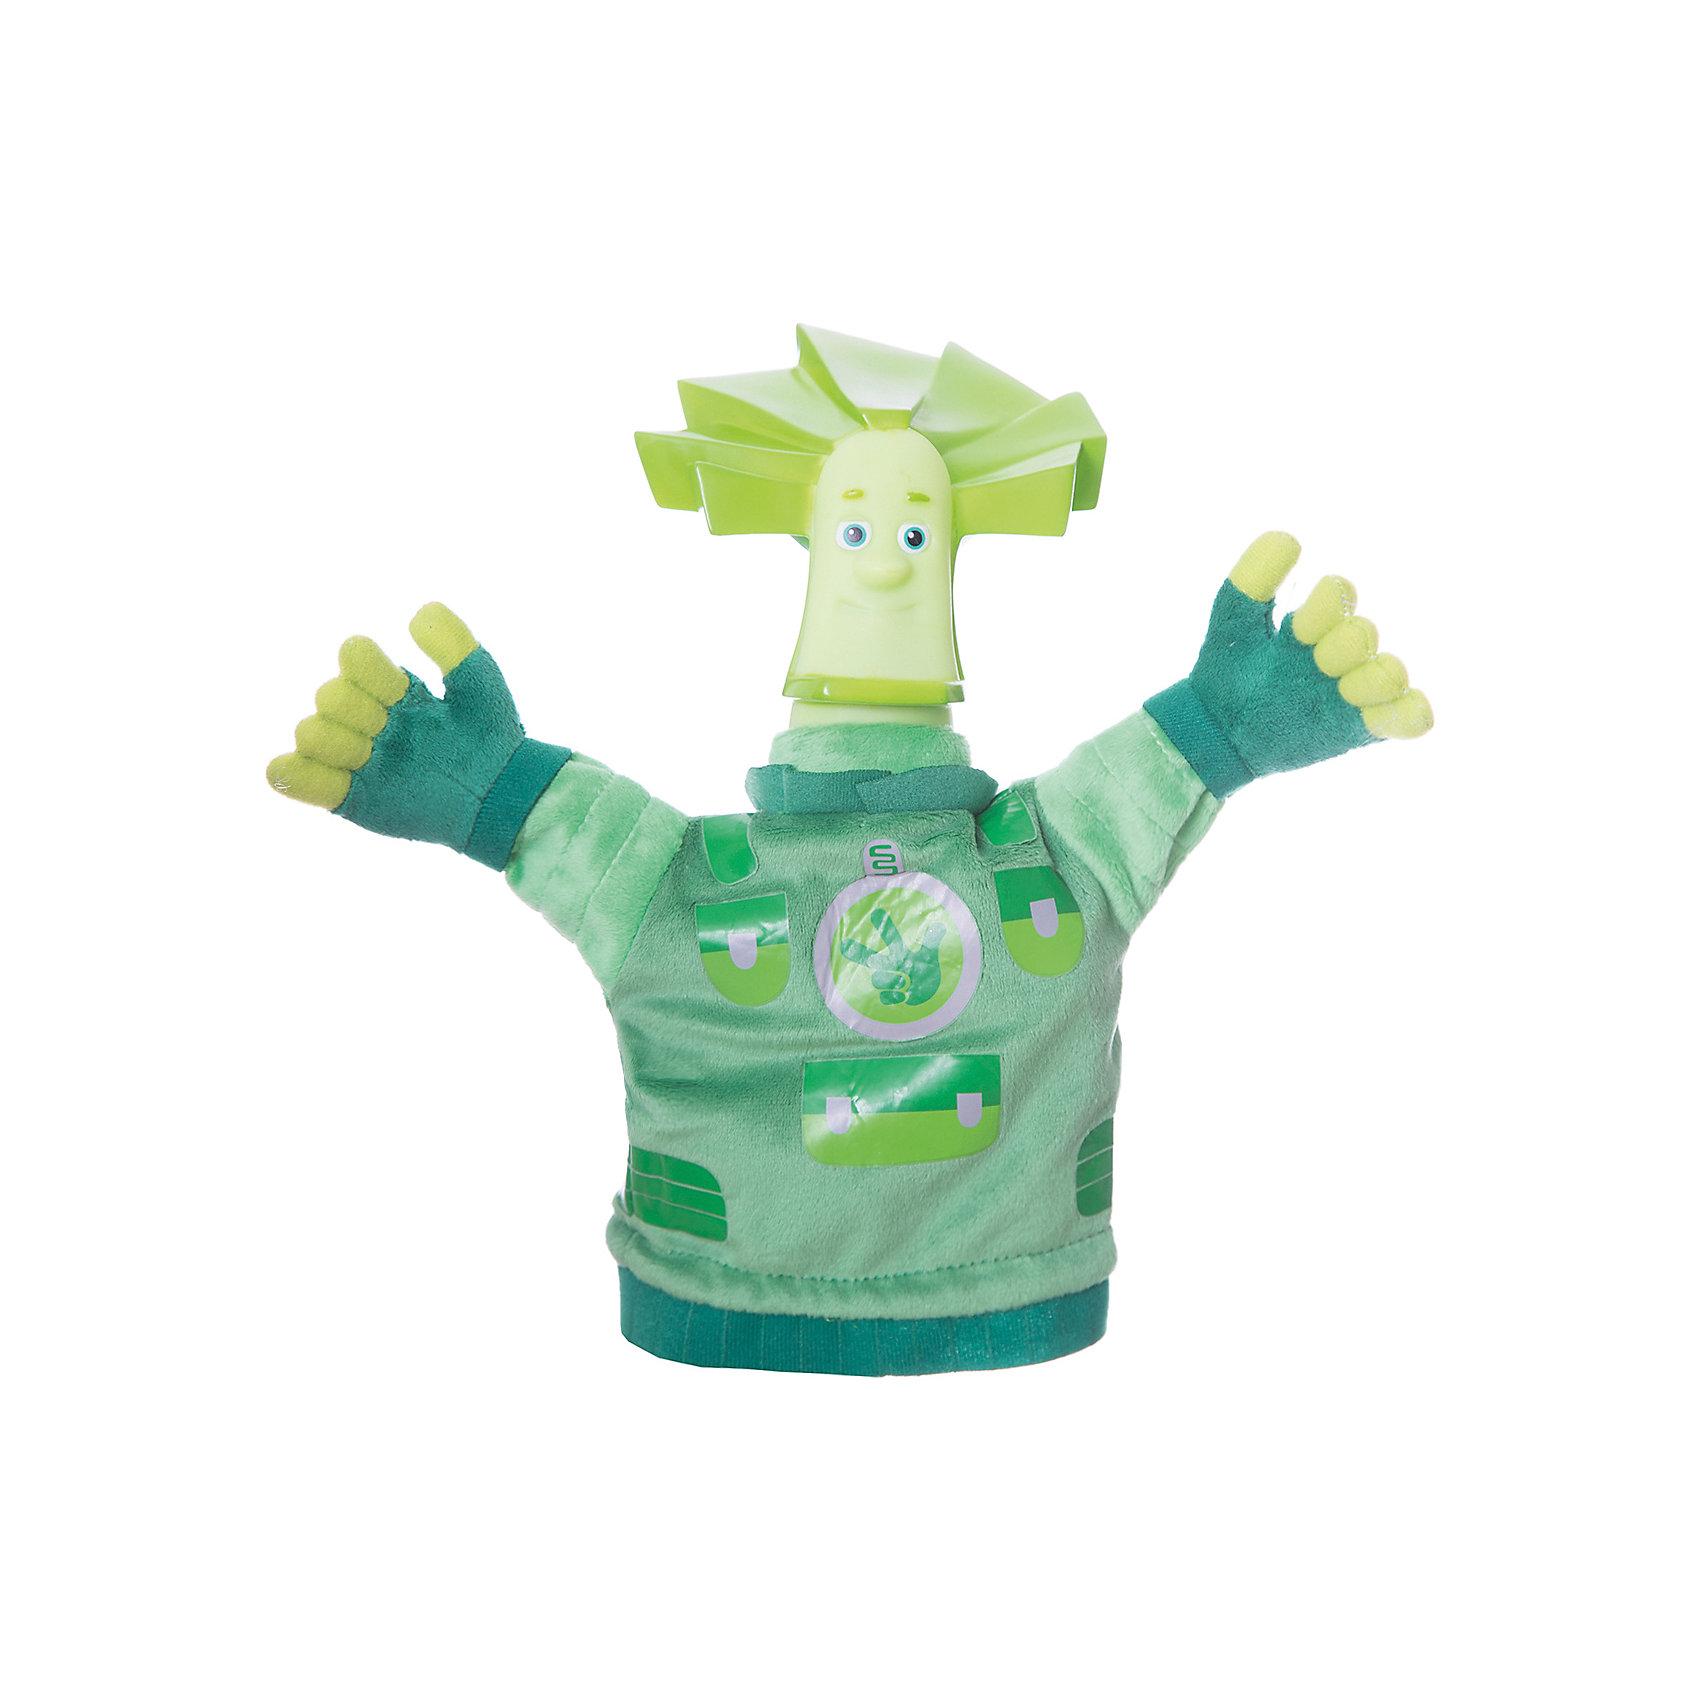 Мягкая игрушка Кукла на руку. ПапусЛюбимые герои<br>Кукольный театр - это так весело! Многие дети обожают сами устраивать представления или смотреть, как это делают взрослые. Сделать это занятие веселее помогут герои из мультфильма Фиксики. Кукла Папус - это отличный способ провести время интересно.<br>Эта игрушка обязательно порадует ребенка! Игра с ней помогает детям развивать мелкую моторику и творческое мышление. Игрушка сделана из качественных и безопасных для ребенка материалов.<br><br>Дополнительная информация:<br><br>цвет: разноцветный;<br>высота: 25 см.<br>вес: 250 г;<br>материал: текстиль, пластик.<br><br>Мягкую игрушку Кукла на руку. Папус можно купить в нашем магазине.<br><br>Ширина мм: 110<br>Глубина мм: 310<br>Высота мм: 240<br>Вес г: 250<br>Возраст от месяцев: 36<br>Возраст до месяцев: 60<br>Пол: Женский<br>Возраст: Детский<br>SKU: 4913616